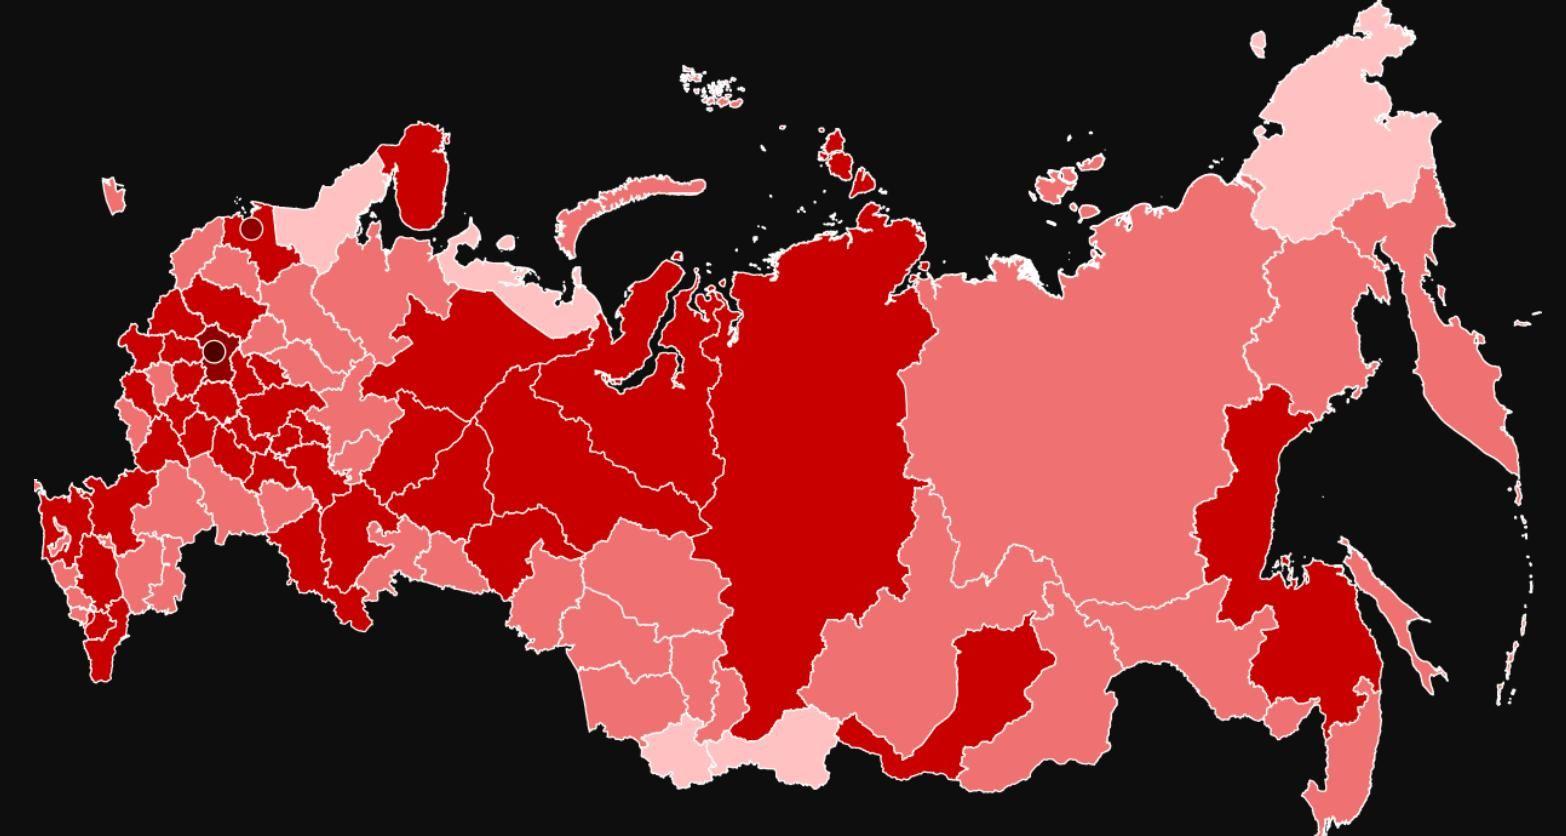 """""""Теперь нас ждет бунт"""", – российский блогер предрекает распад РФ после публикации итогов выборов в Думу"""